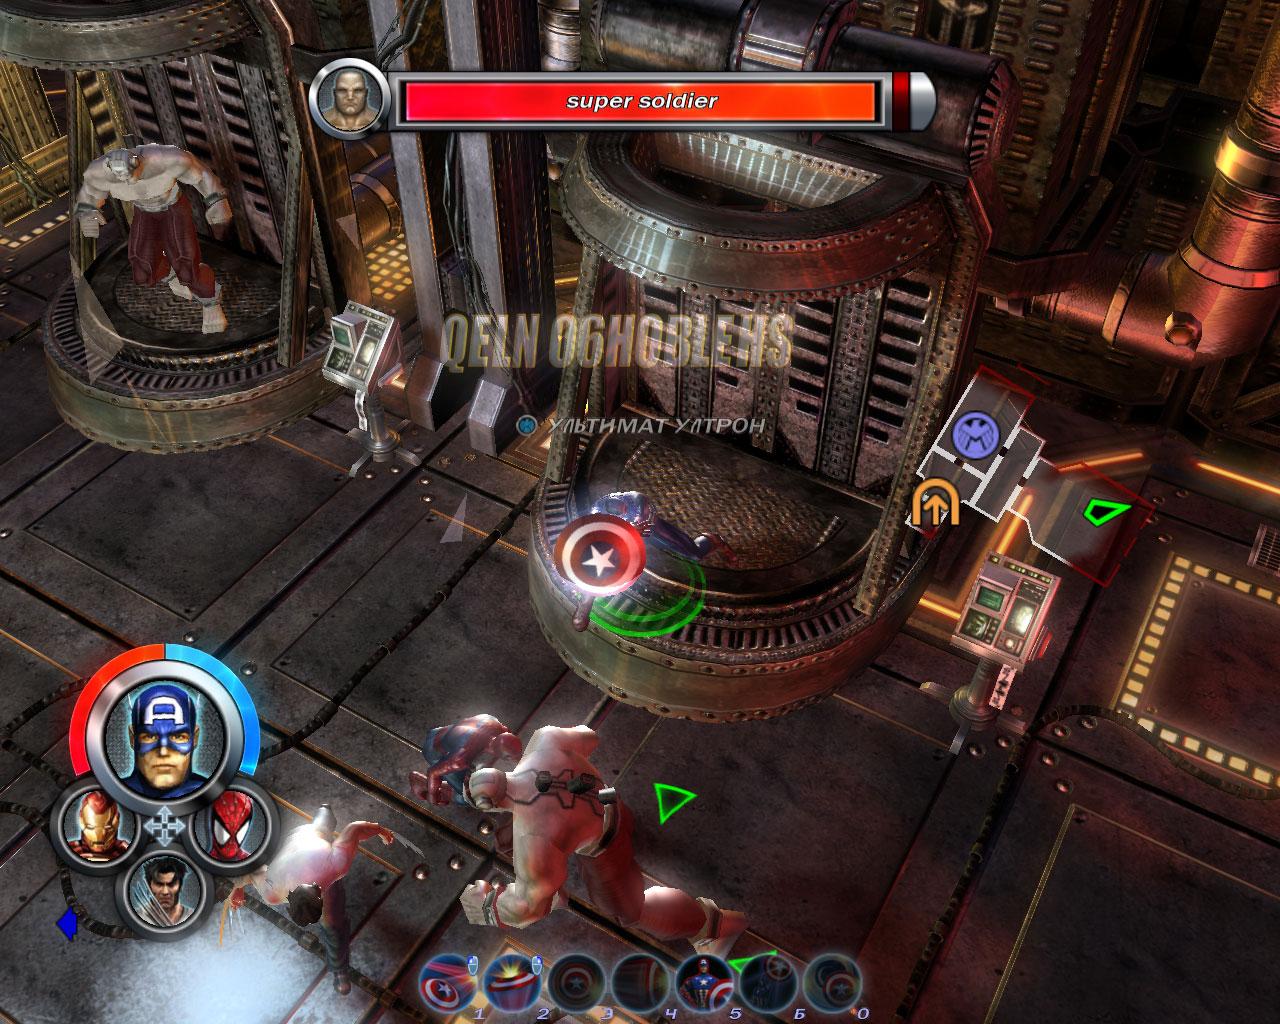 игра marvel ultimate alliance 2 на pc